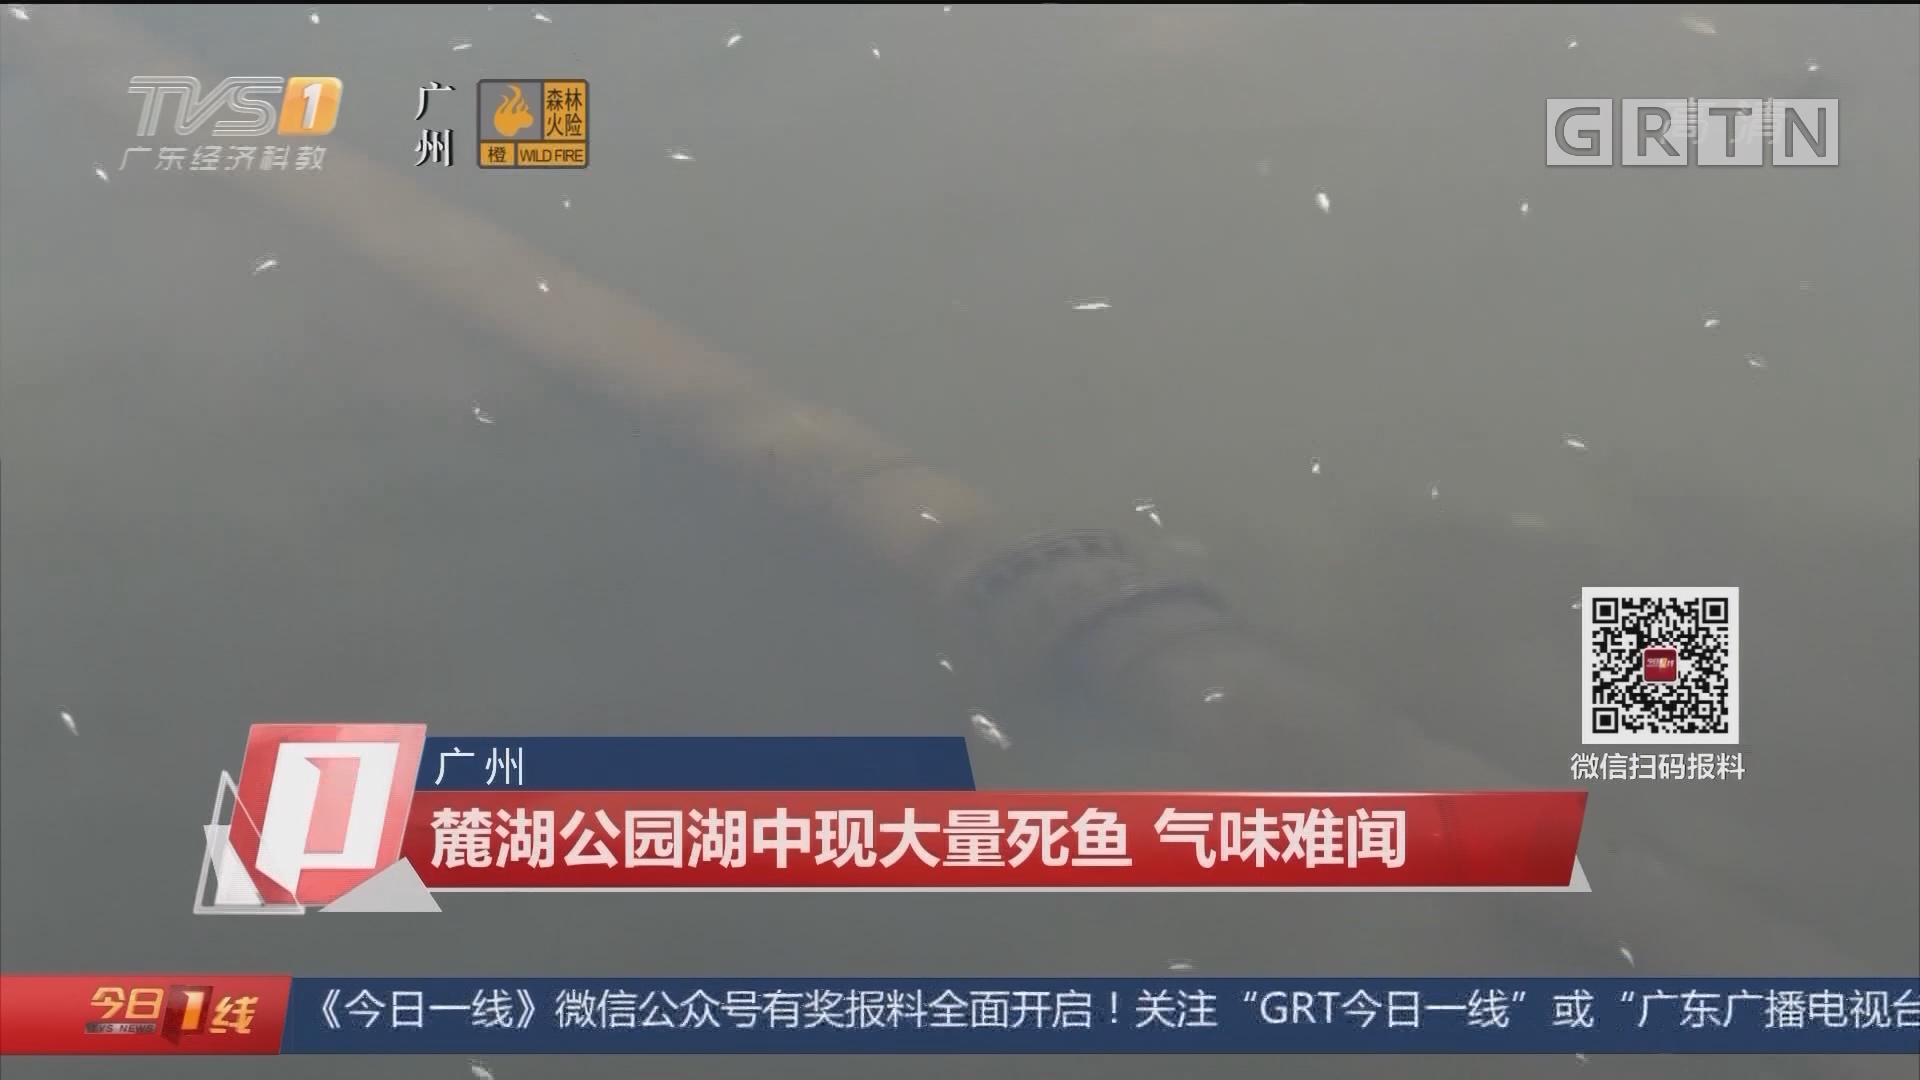 广州:麓湖公园湖中现大量死鱼 气味难闻